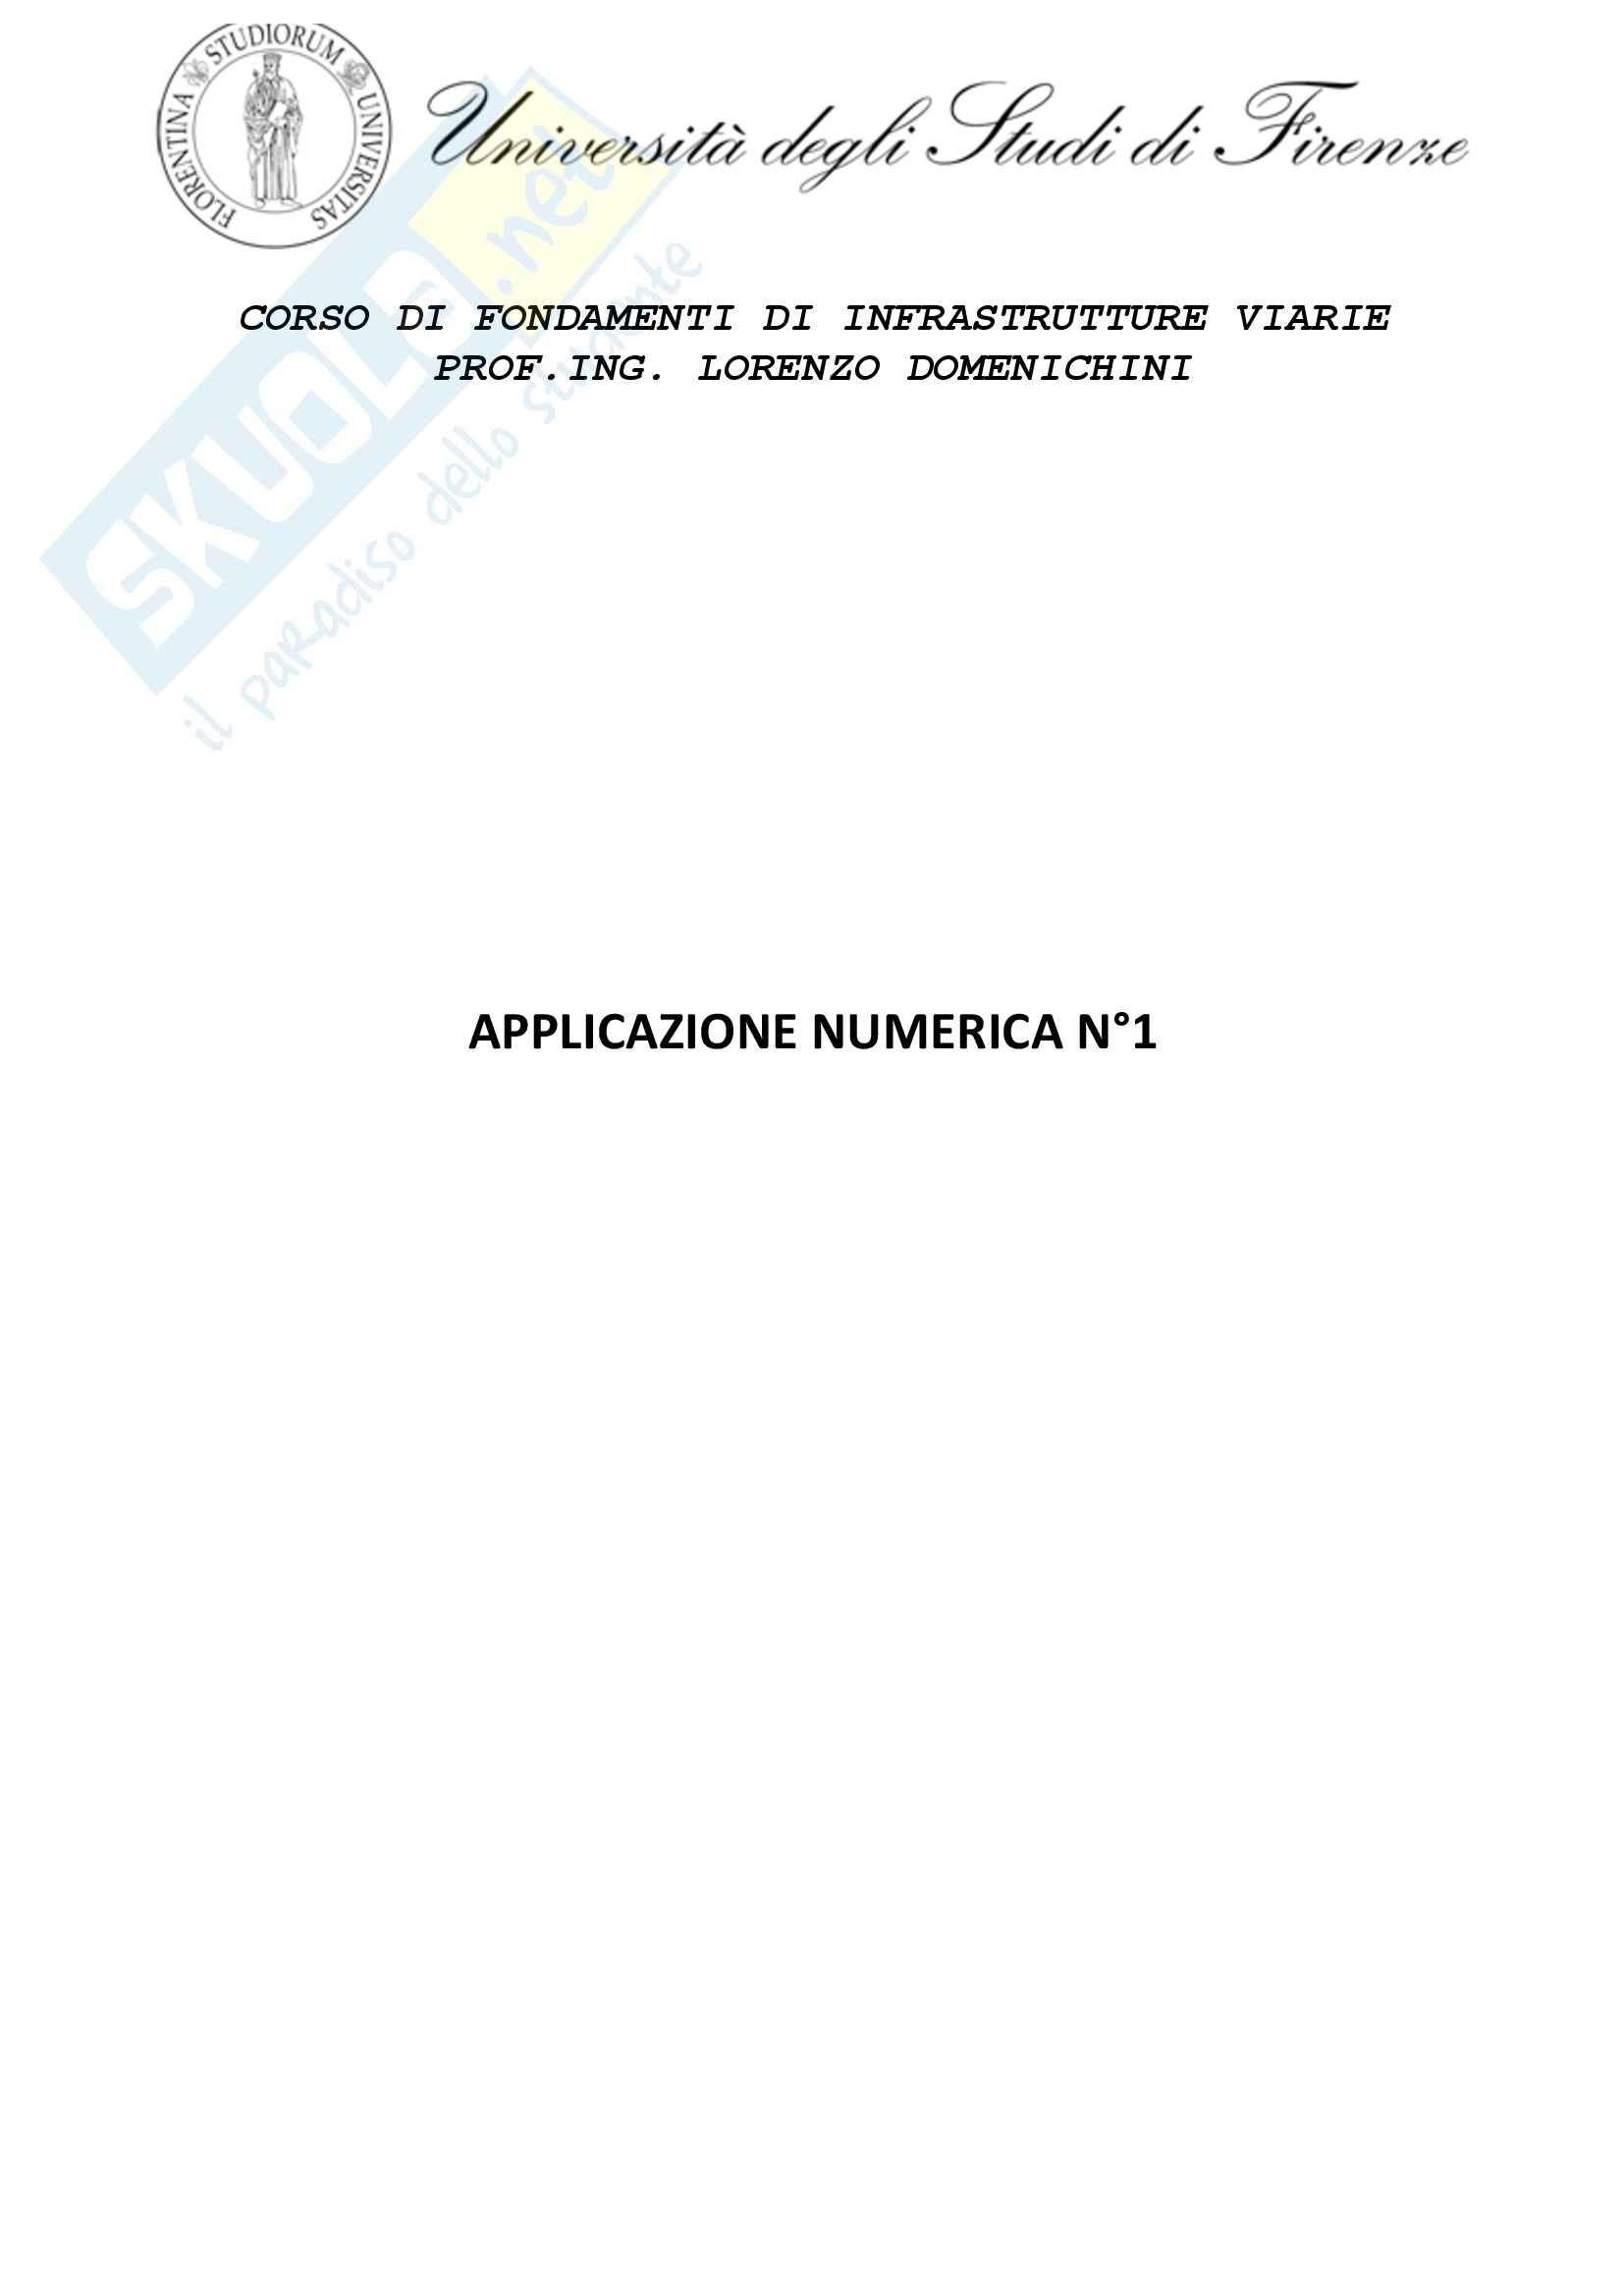 Applicazione numerica 1, Fondamenti di Infrastrutture viarie